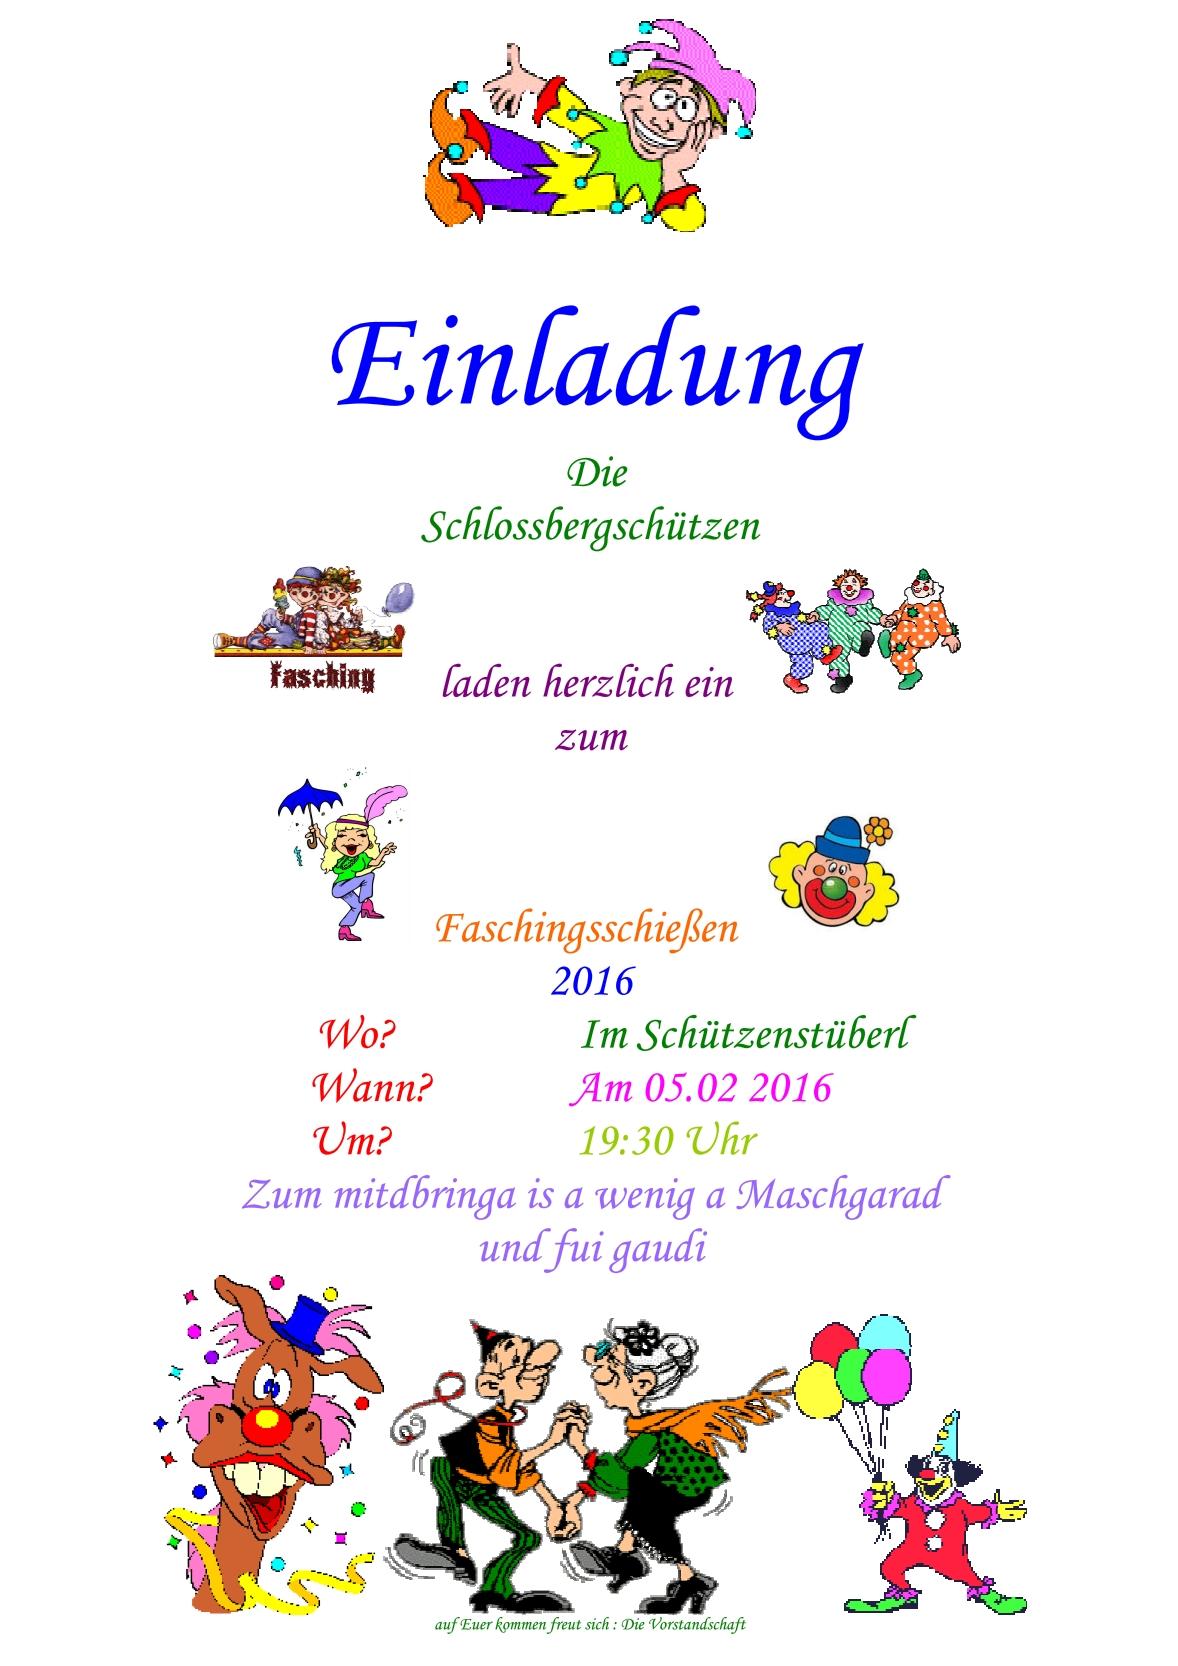 Fasching Schloßbergschützen Julbach